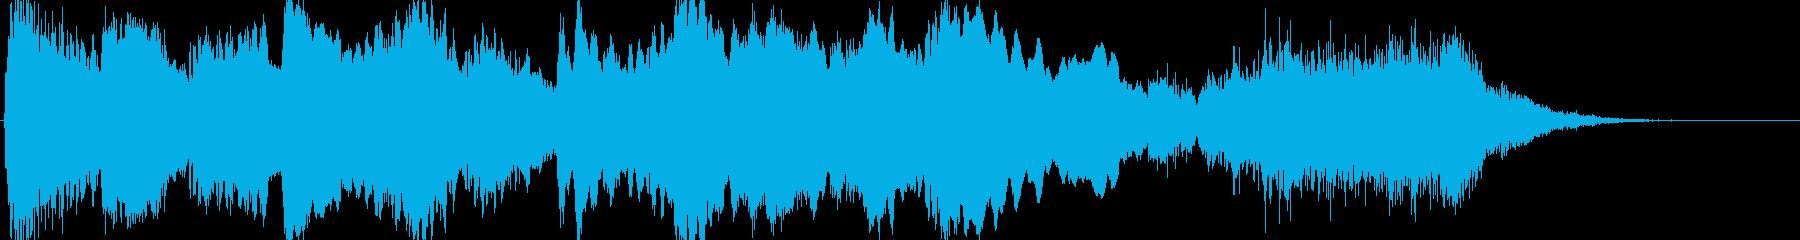 ホラーなファンファーレの再生済みの波形